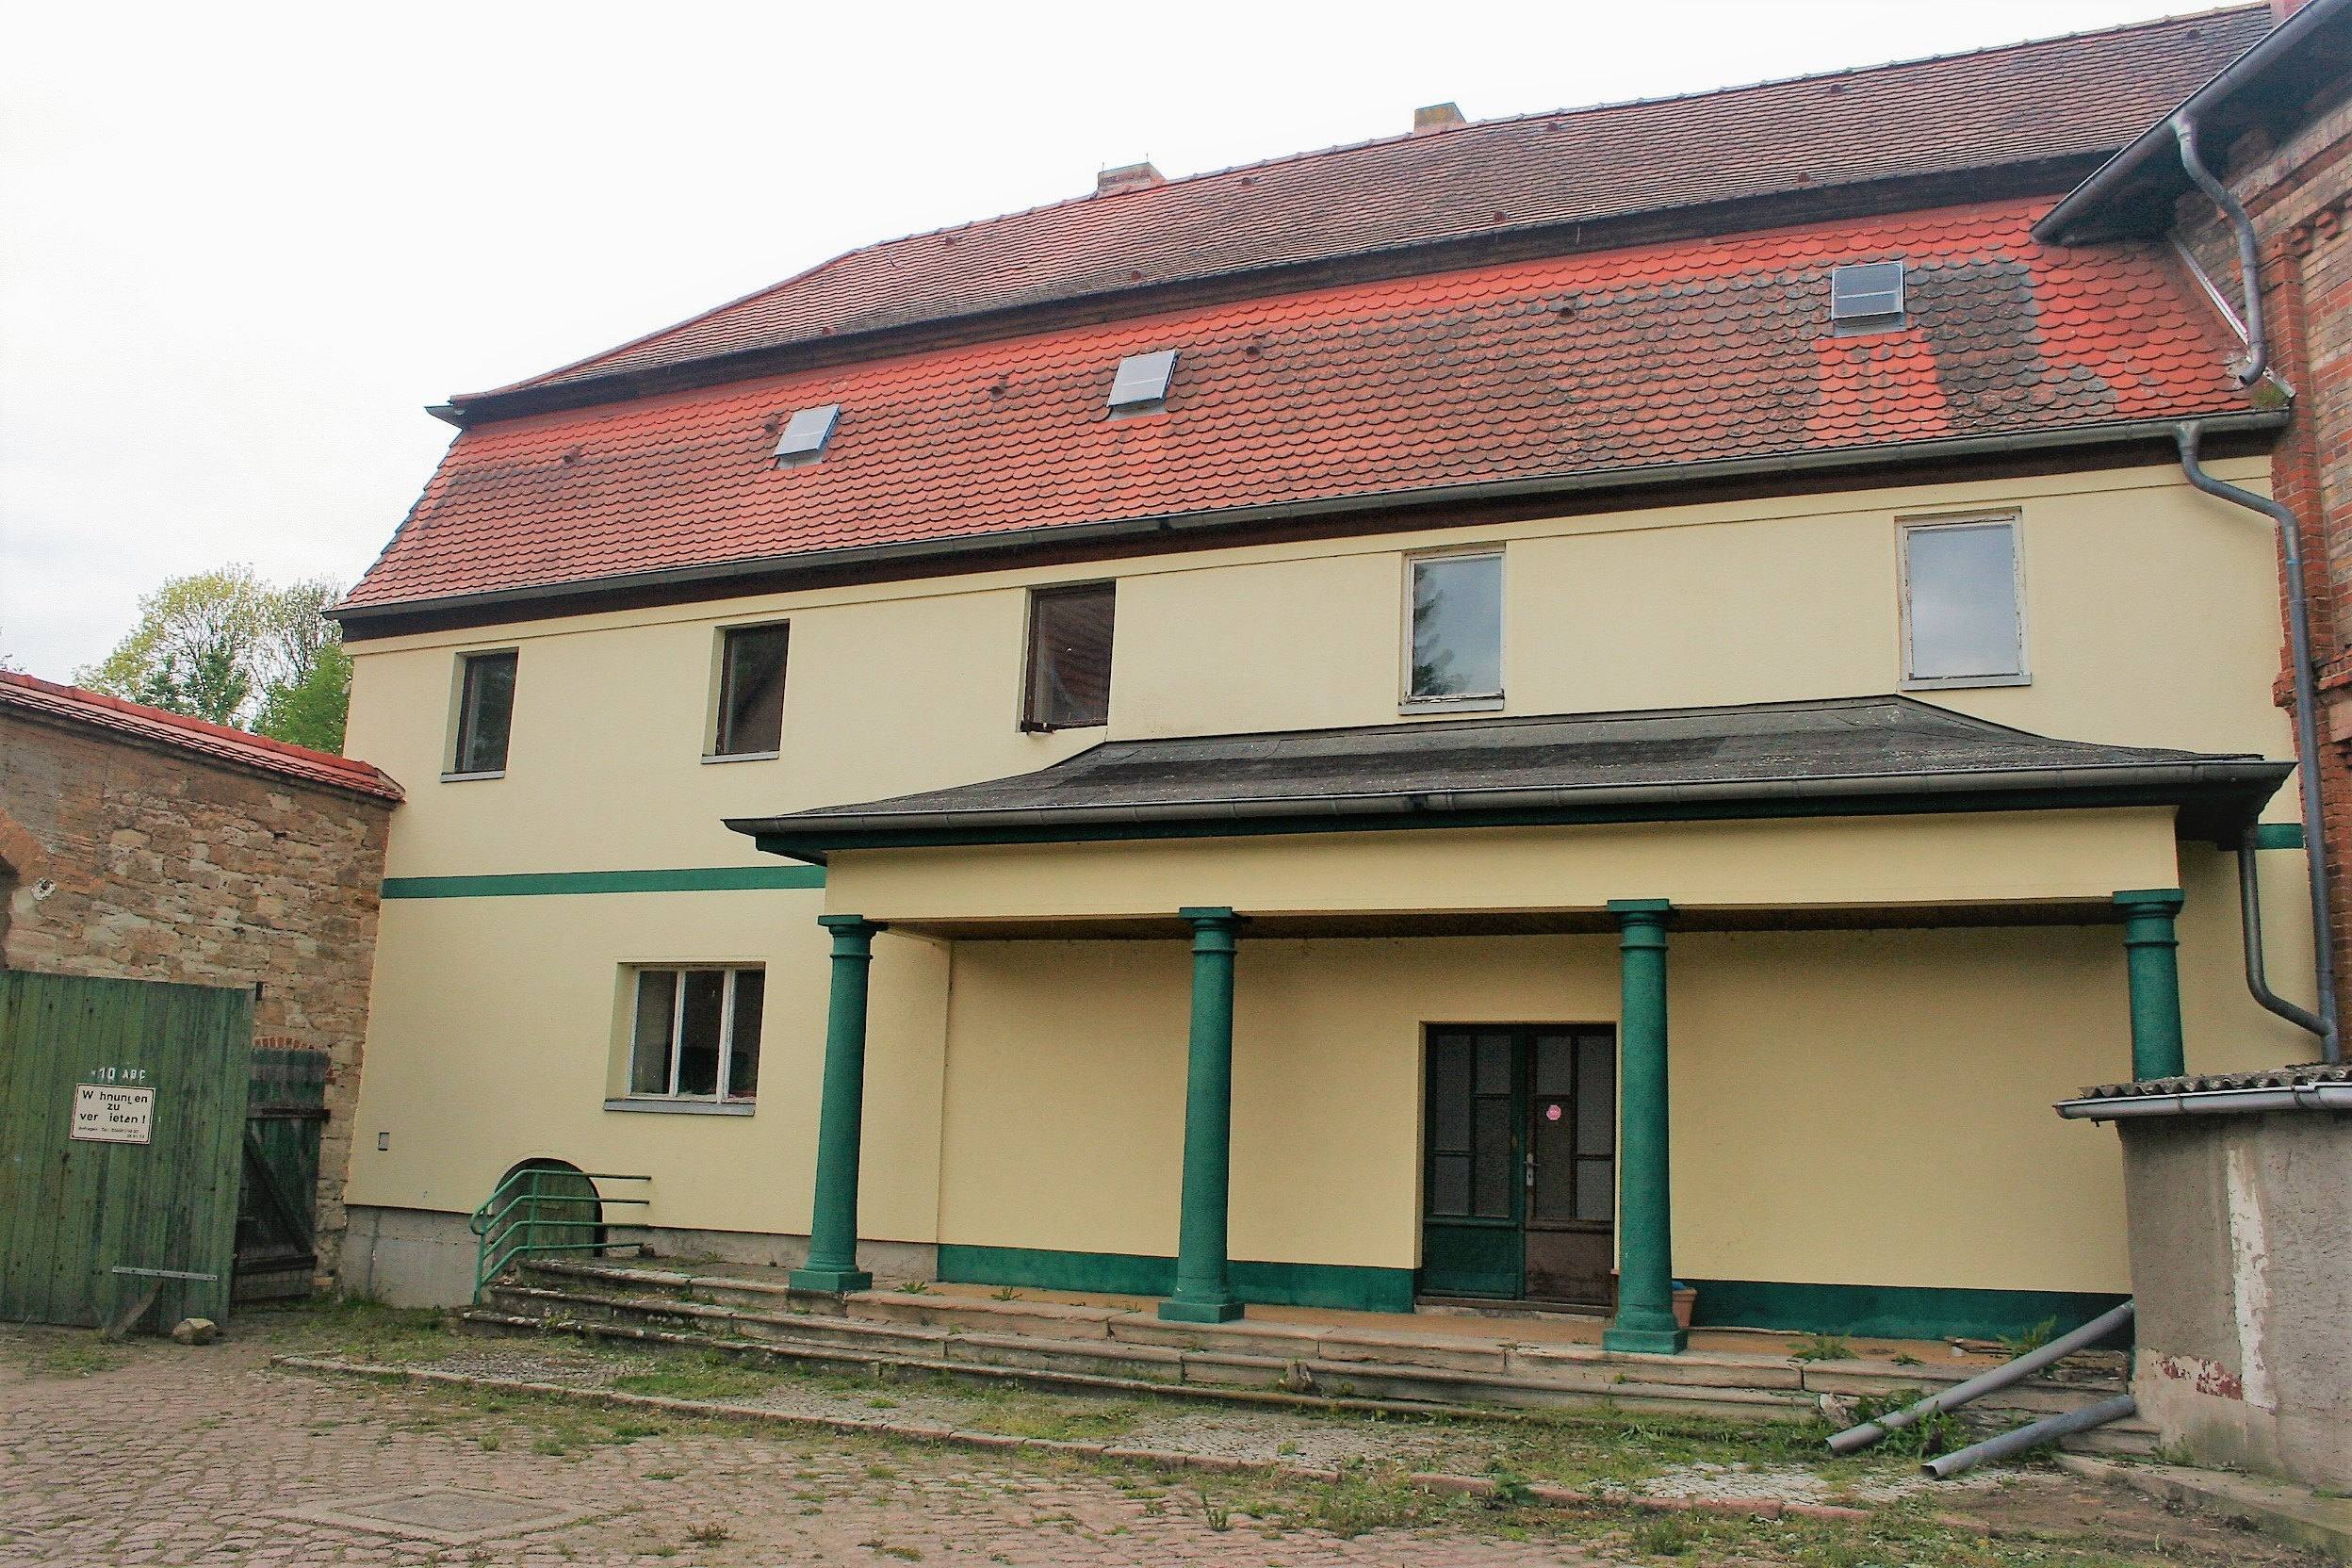 Gutshof Fienstedt Teil des Gutshofes